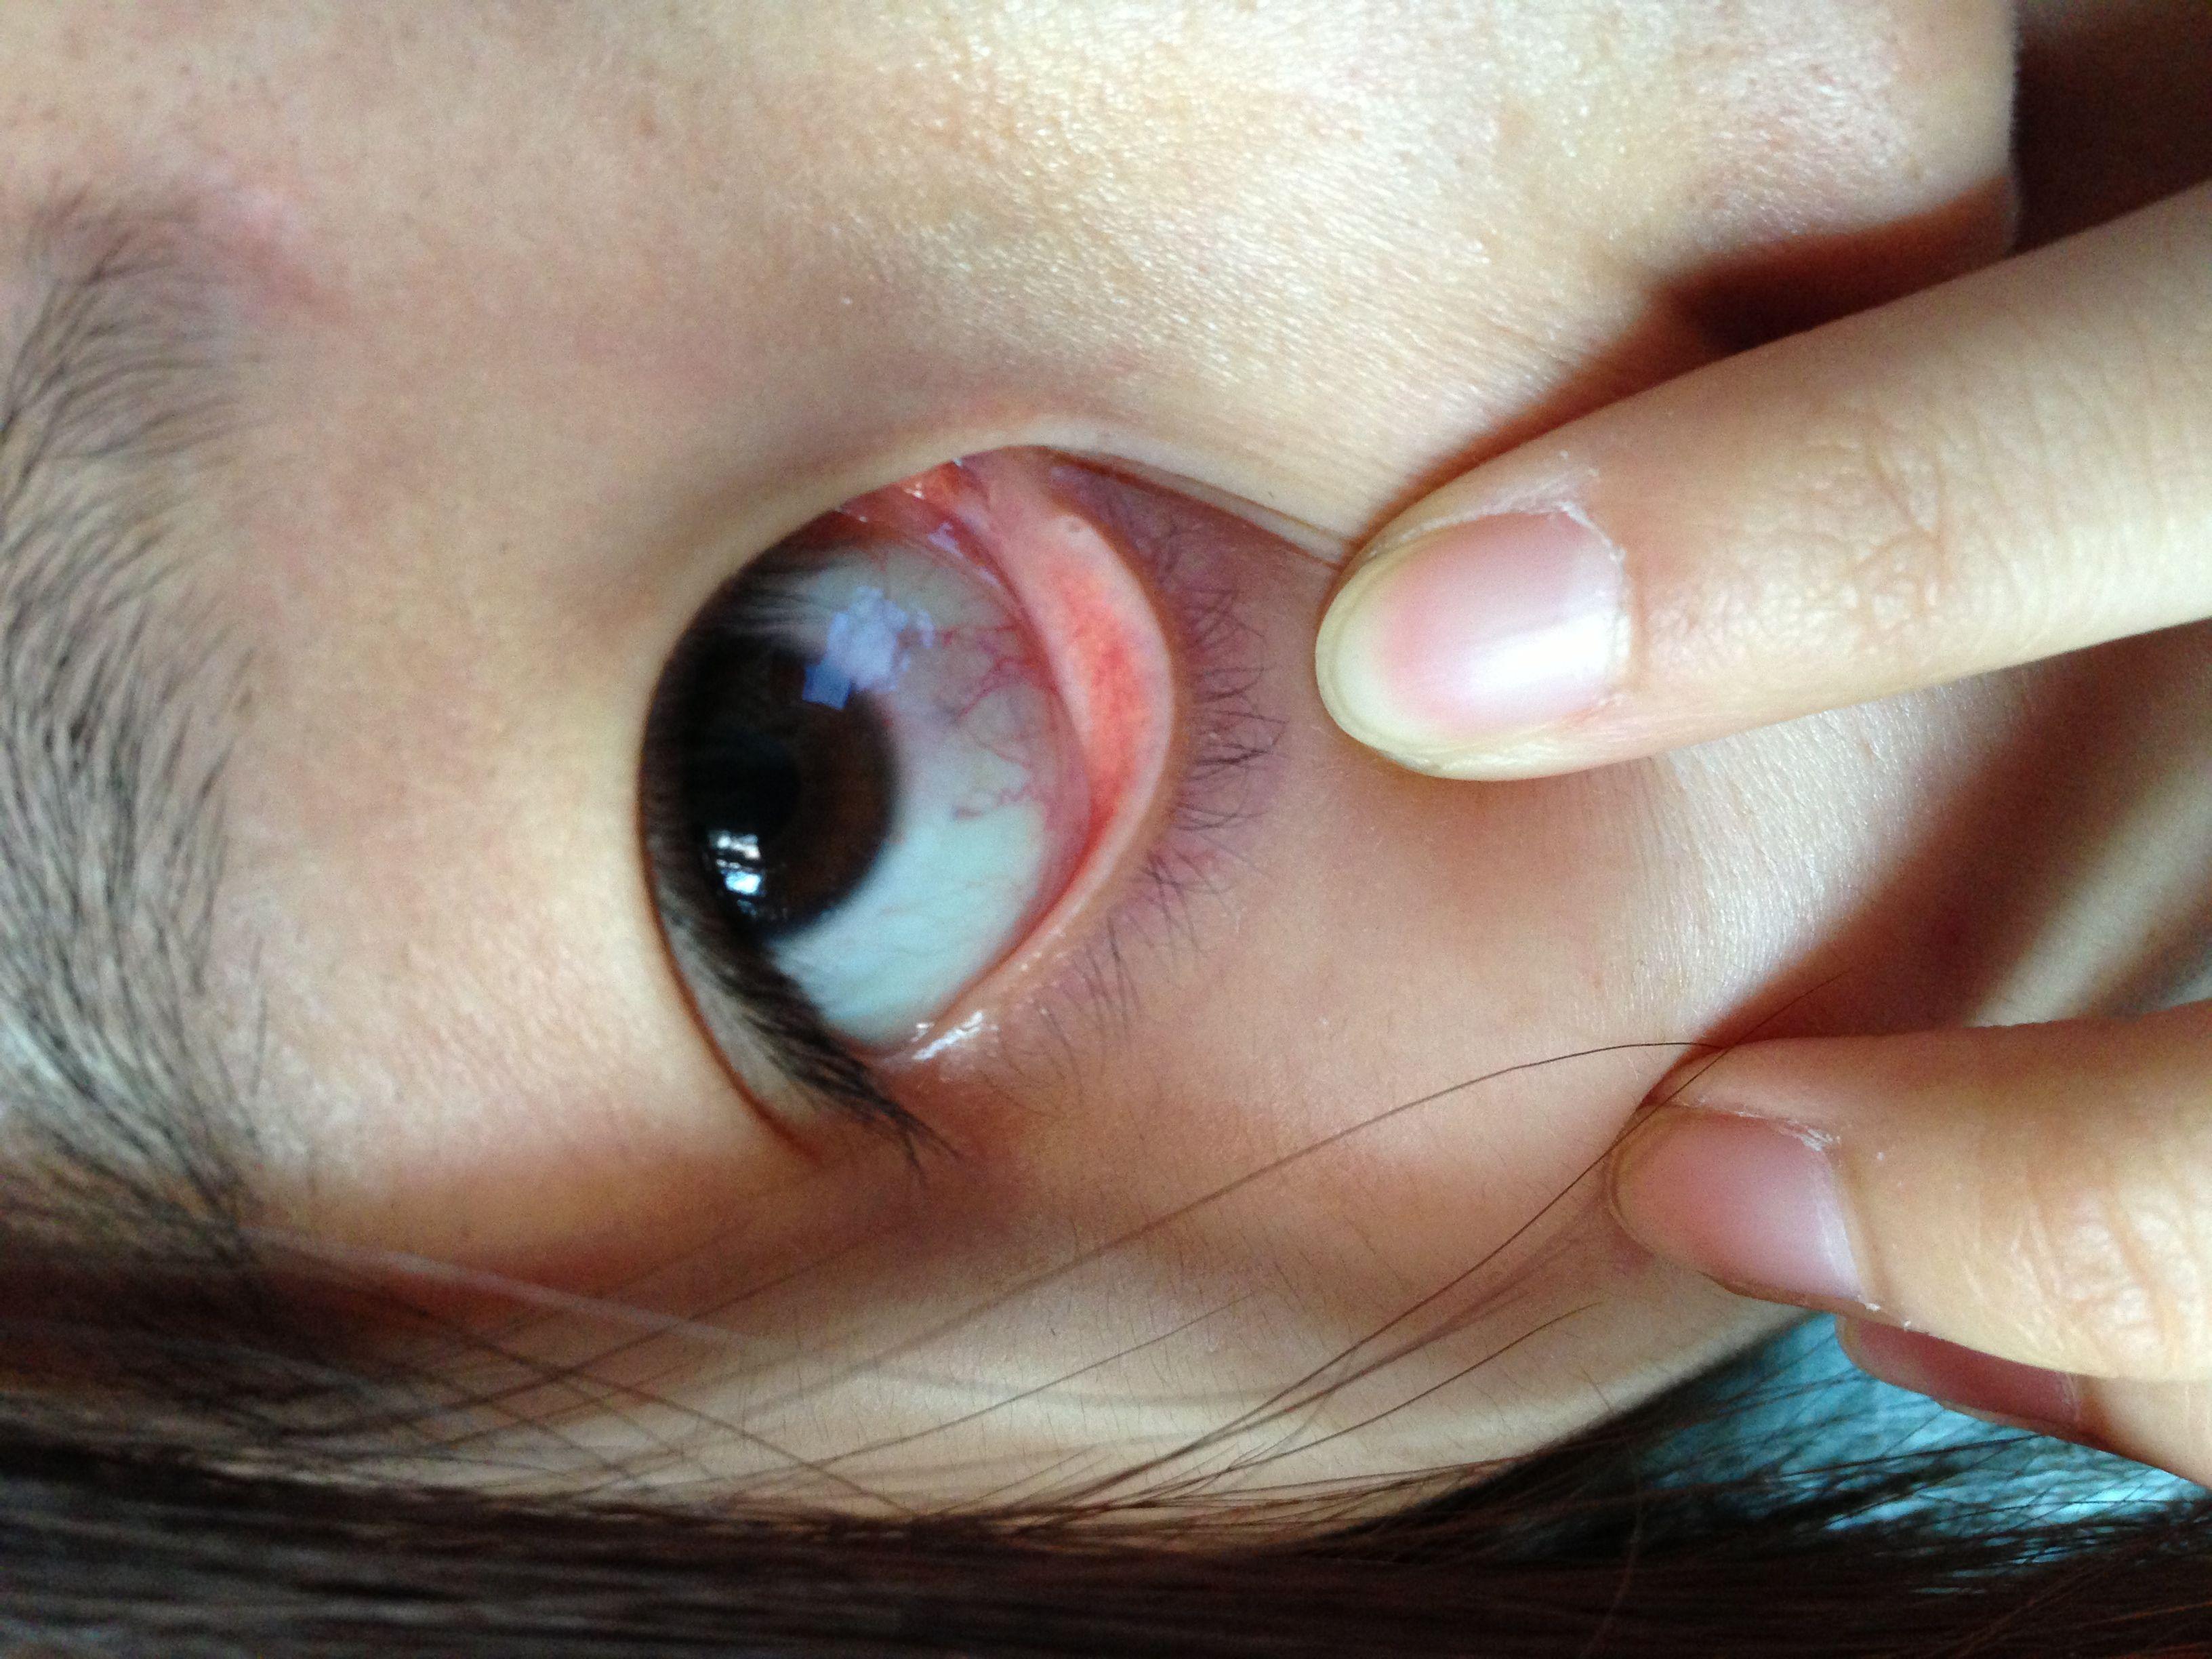 眼睛除了原有的红眼病眼睛有红血丝是结膜炎的对之前戴隐形眼镜得过图片